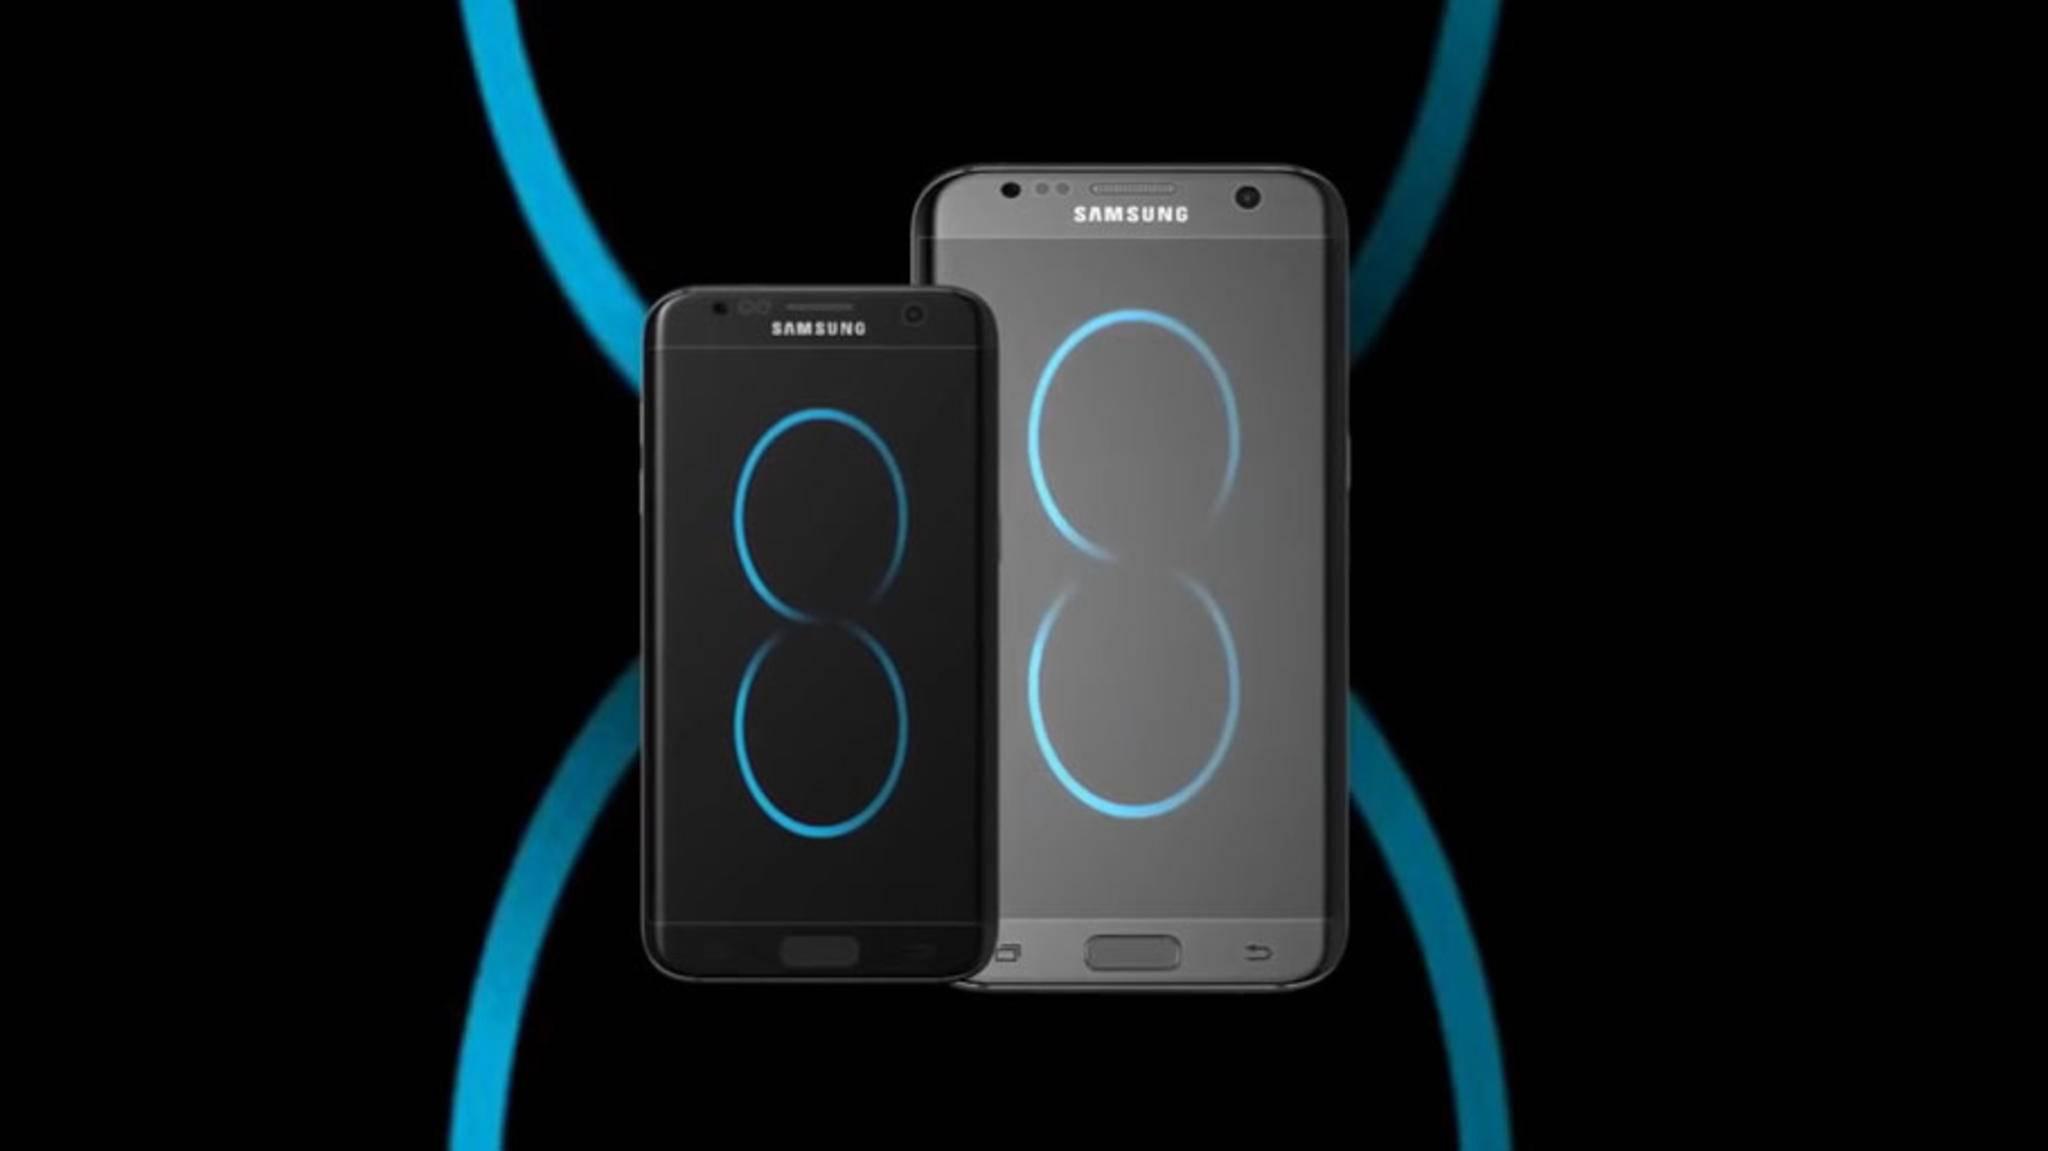 Das Galaxy S8 soll genauso erfolgreich wie der Vorgänger werden.